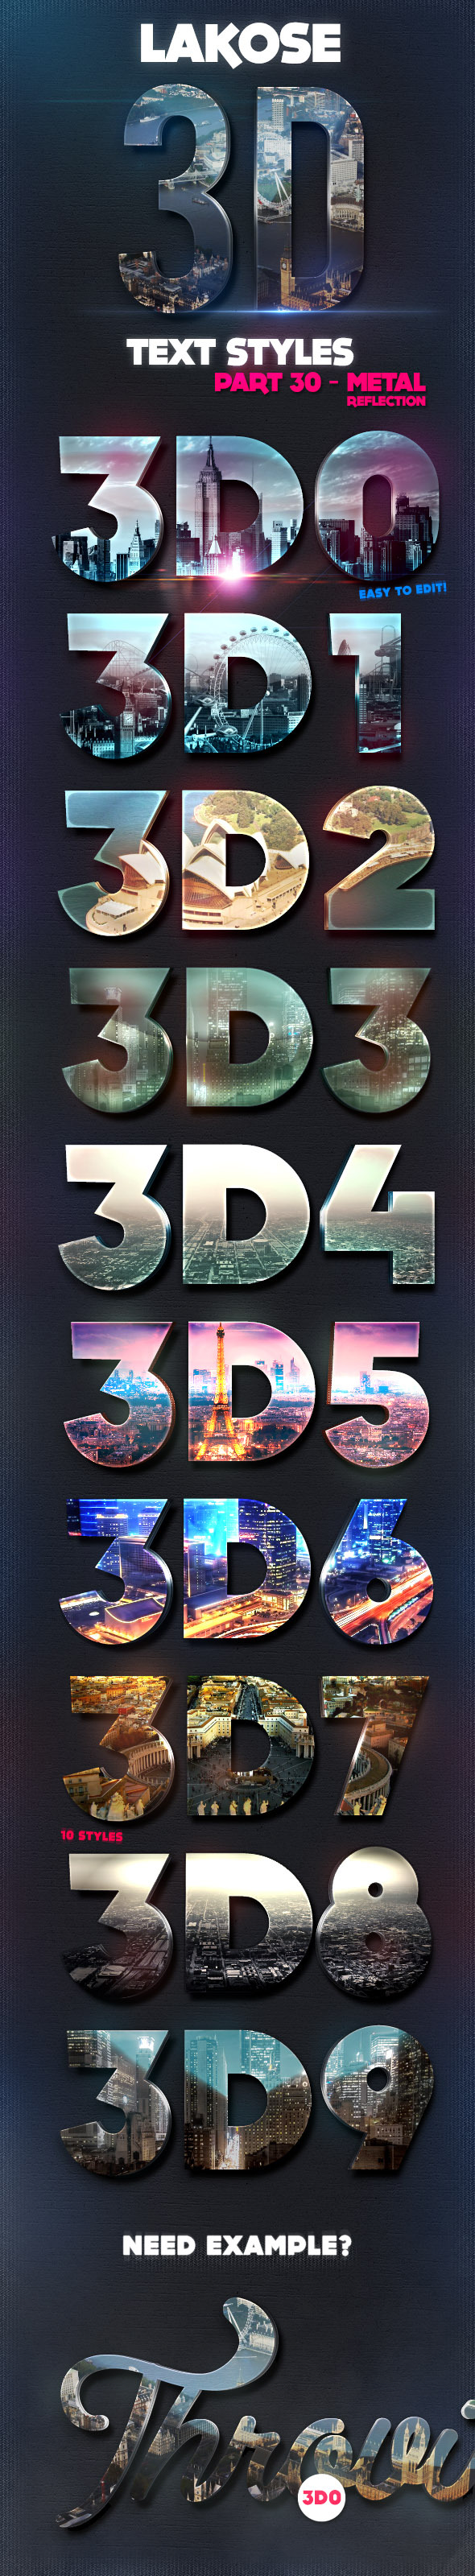 Lakose 3D Text Styles Part 30